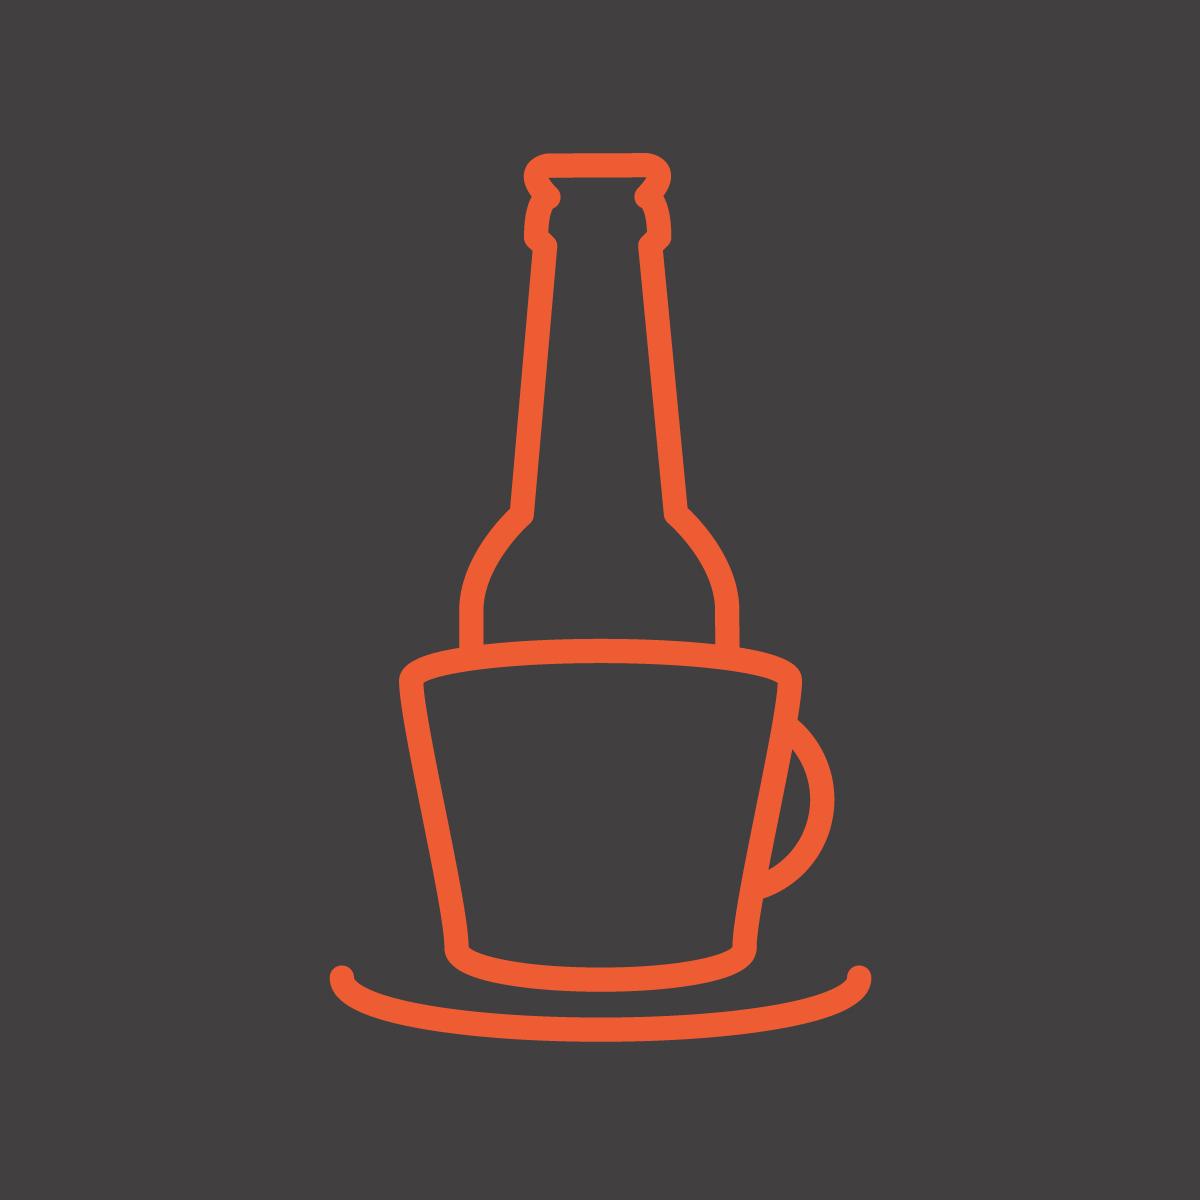 bottleinmug.jpg